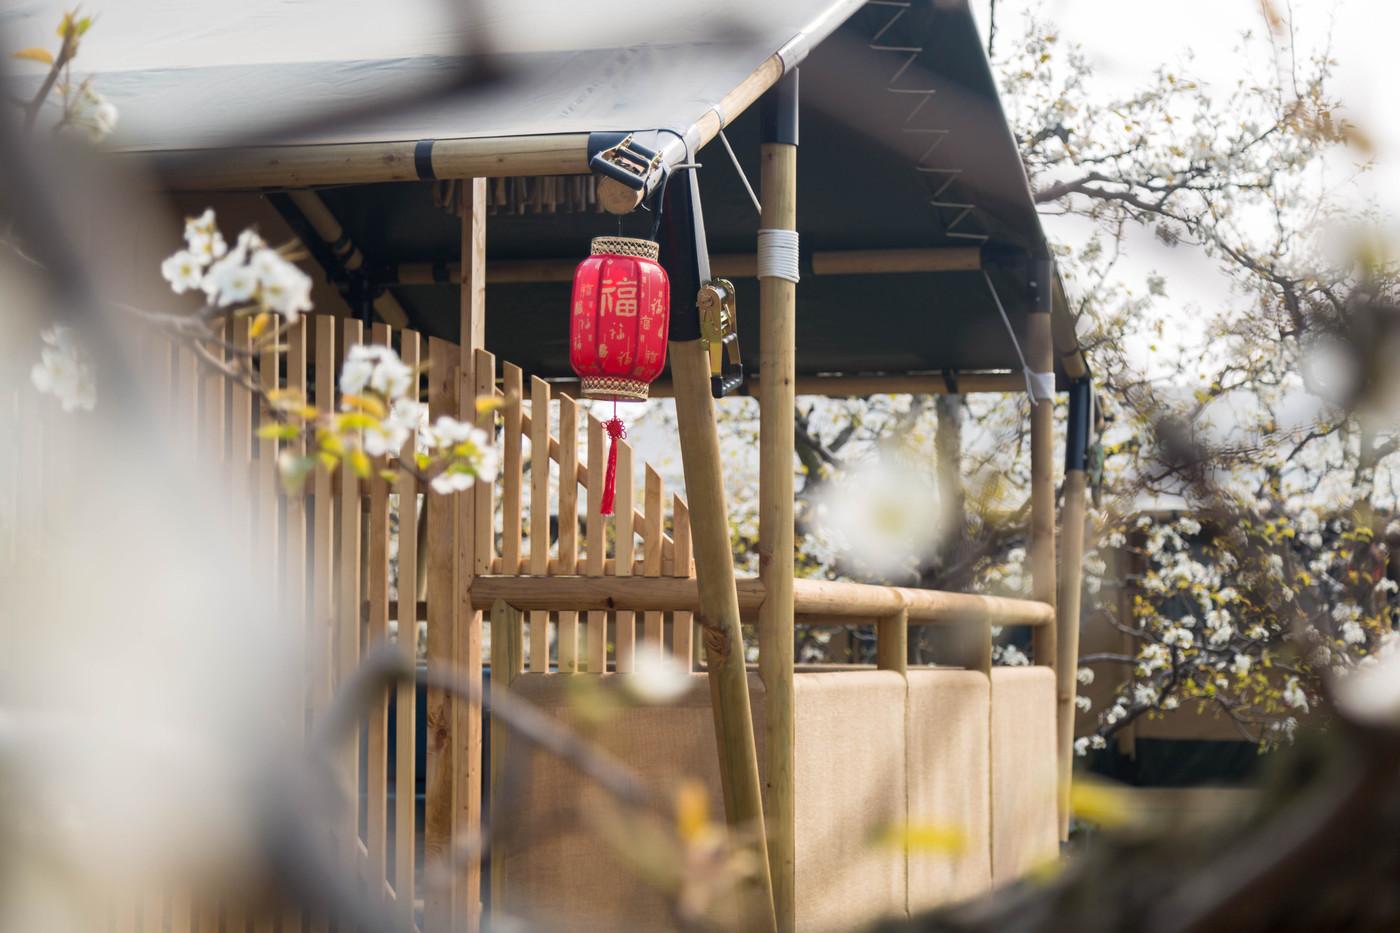 喜马拉雅野奢帐篷酒店—安徽砀山东篱蓬芦梨园帐篷酒店12